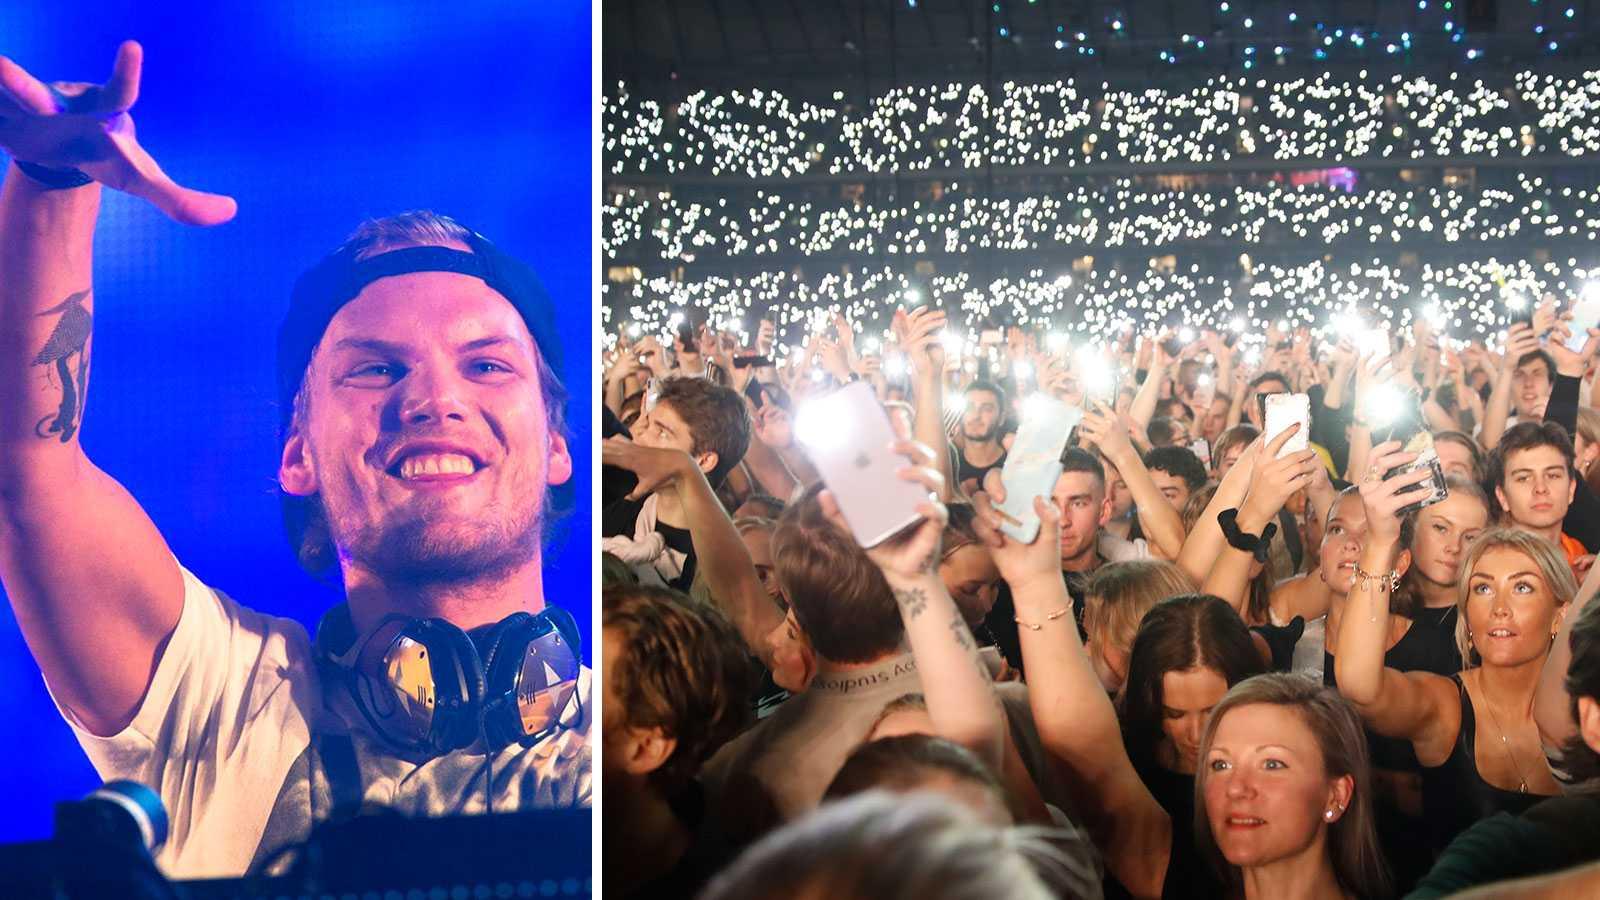 Hyllningskonsert till Avicii slår publikrekord